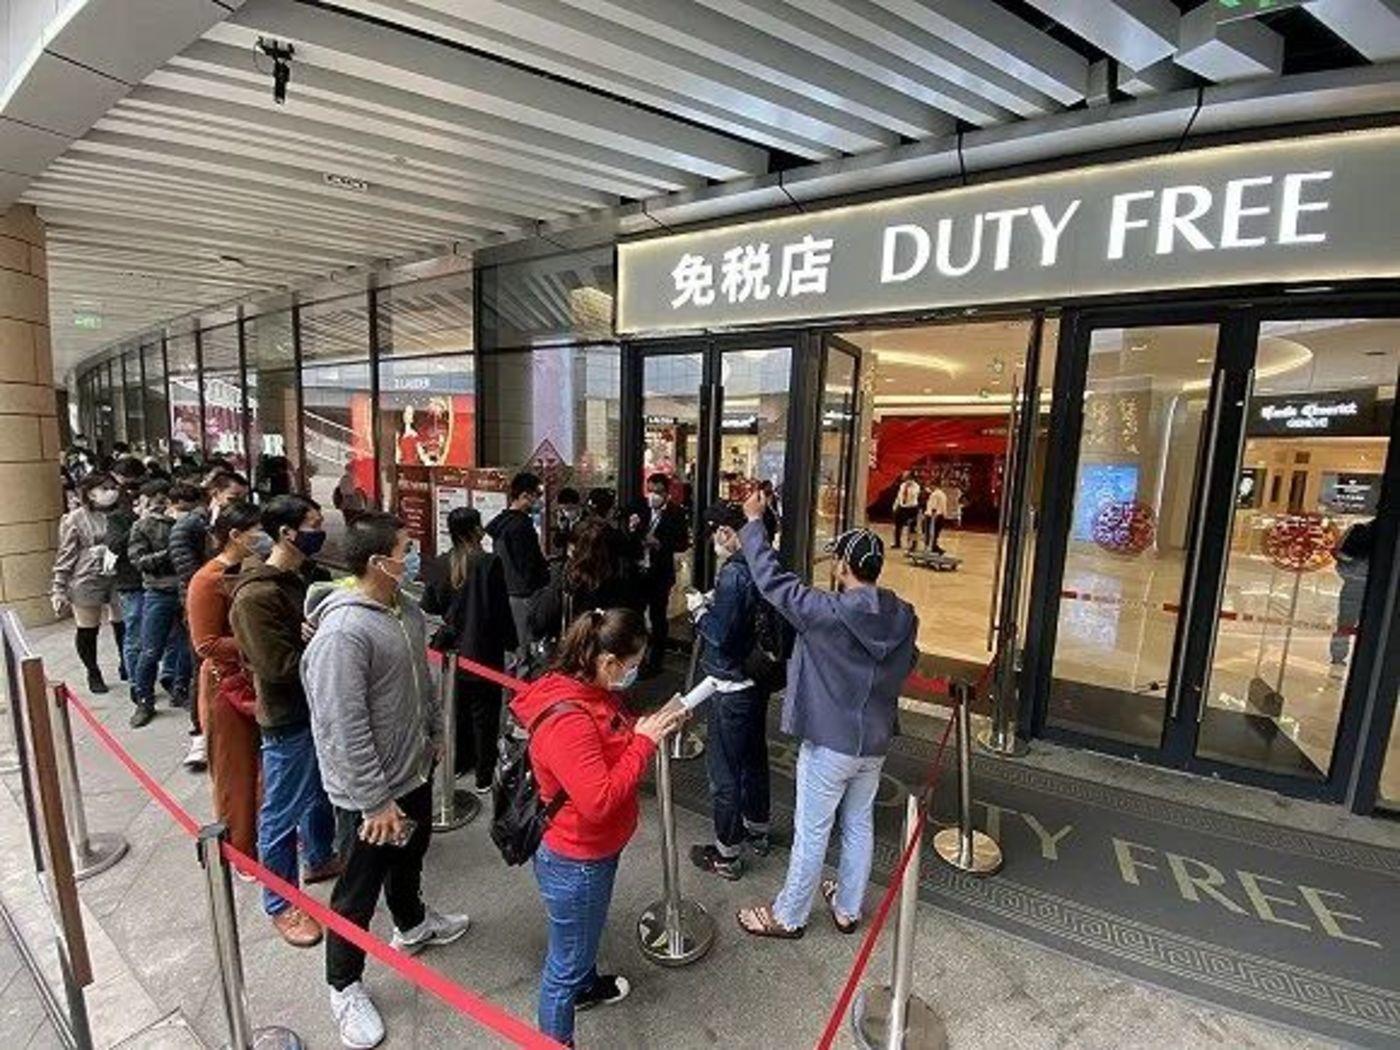 海南海口日月广场免税店 图片来源:视觉中国